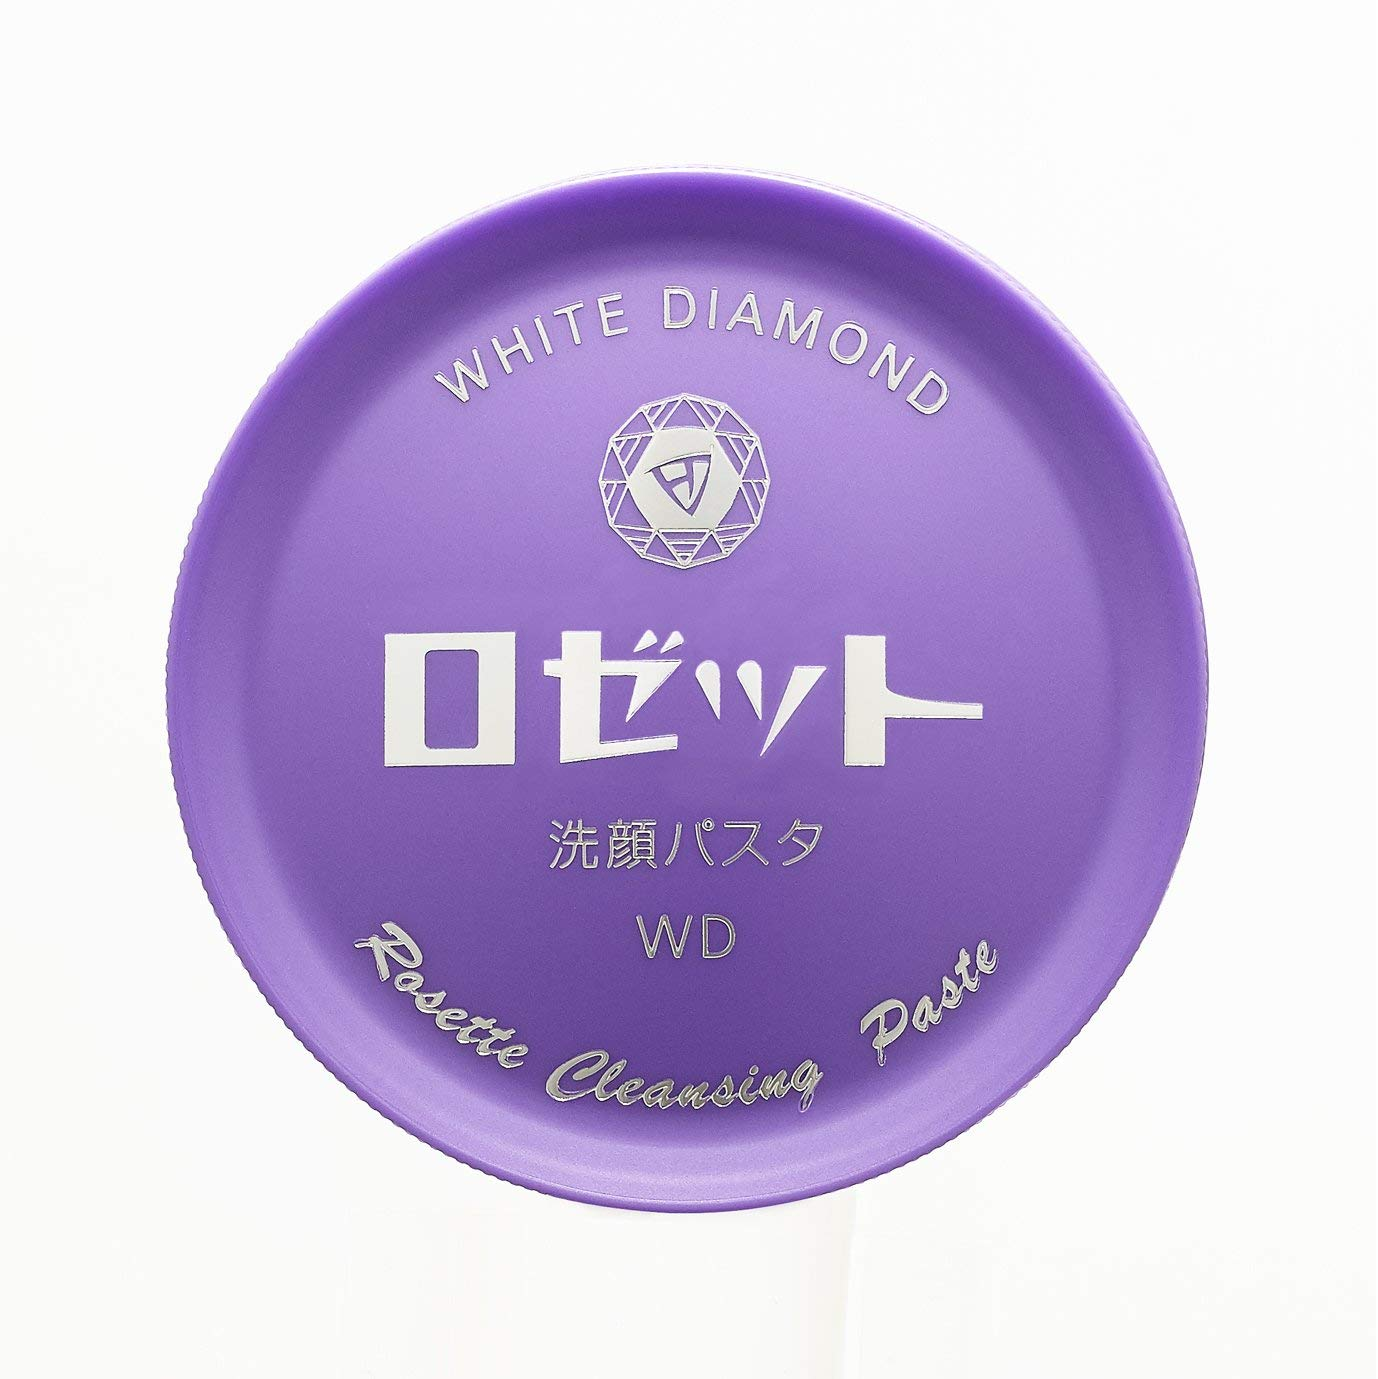 ロゼット洗顔パスタ ホワイトダイヤ 90